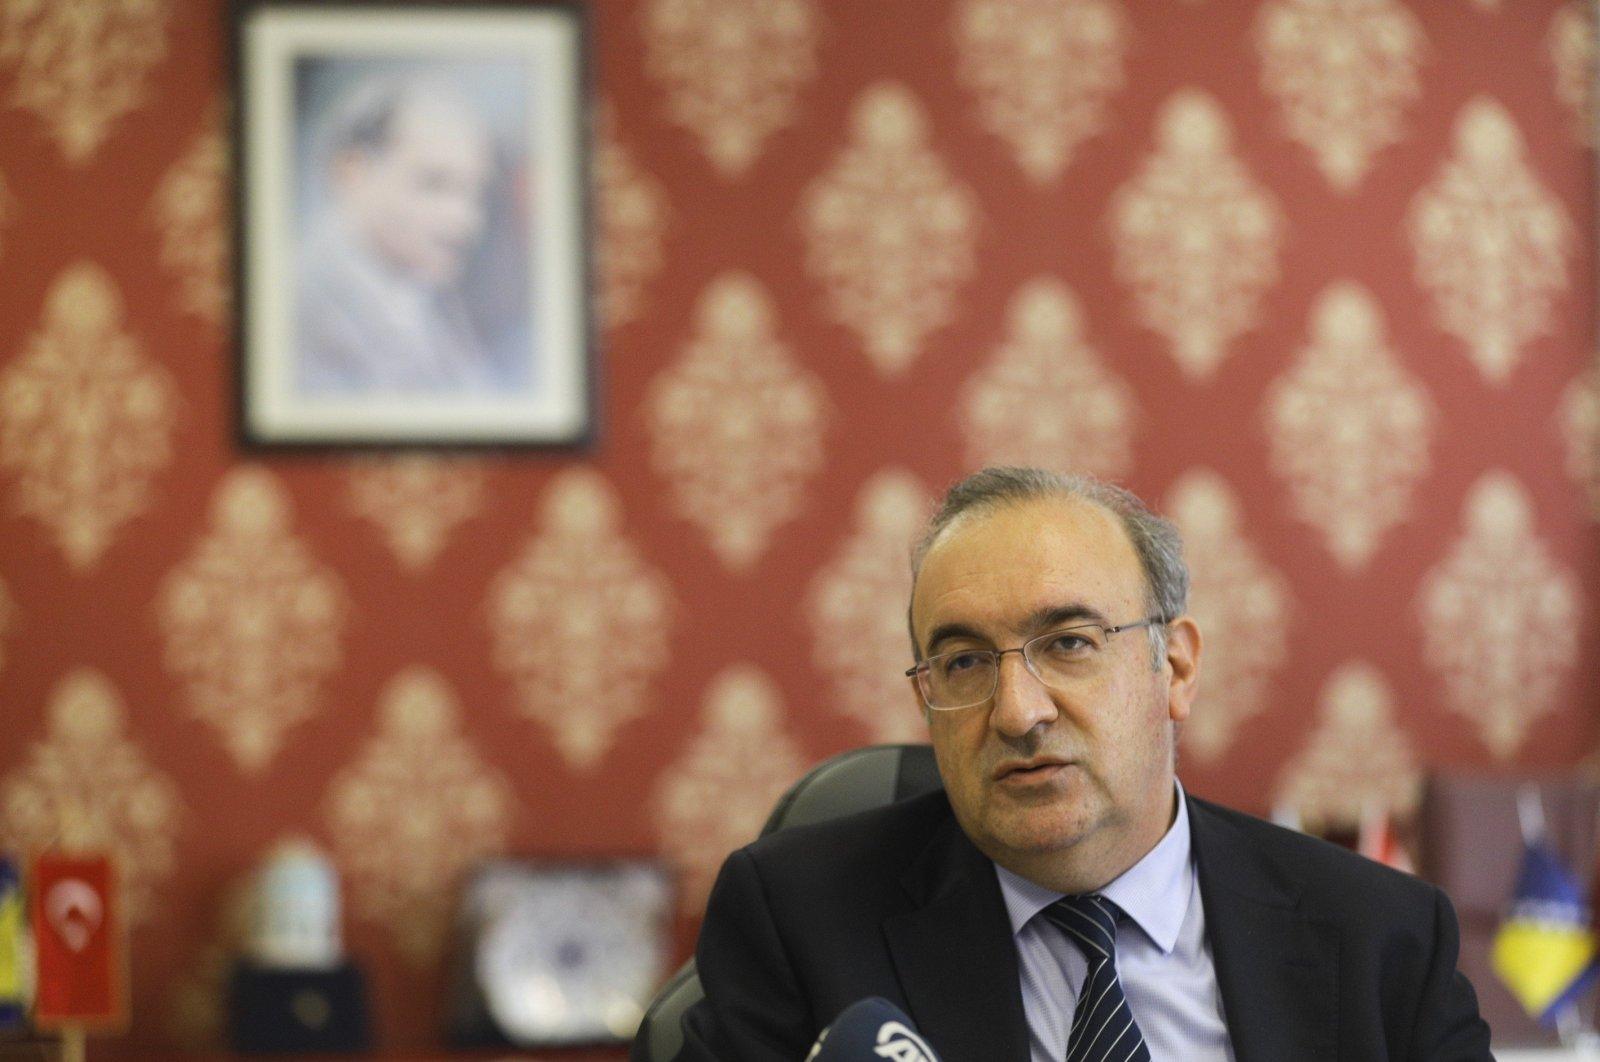 Turkey's Ambassador to Sarajevo Haldun Koç speaks during an interview with Anadolu Agency (AA), Sarajevo, Bosnia-Herzegovina, Oct. 7, 2020. (AA Photo)